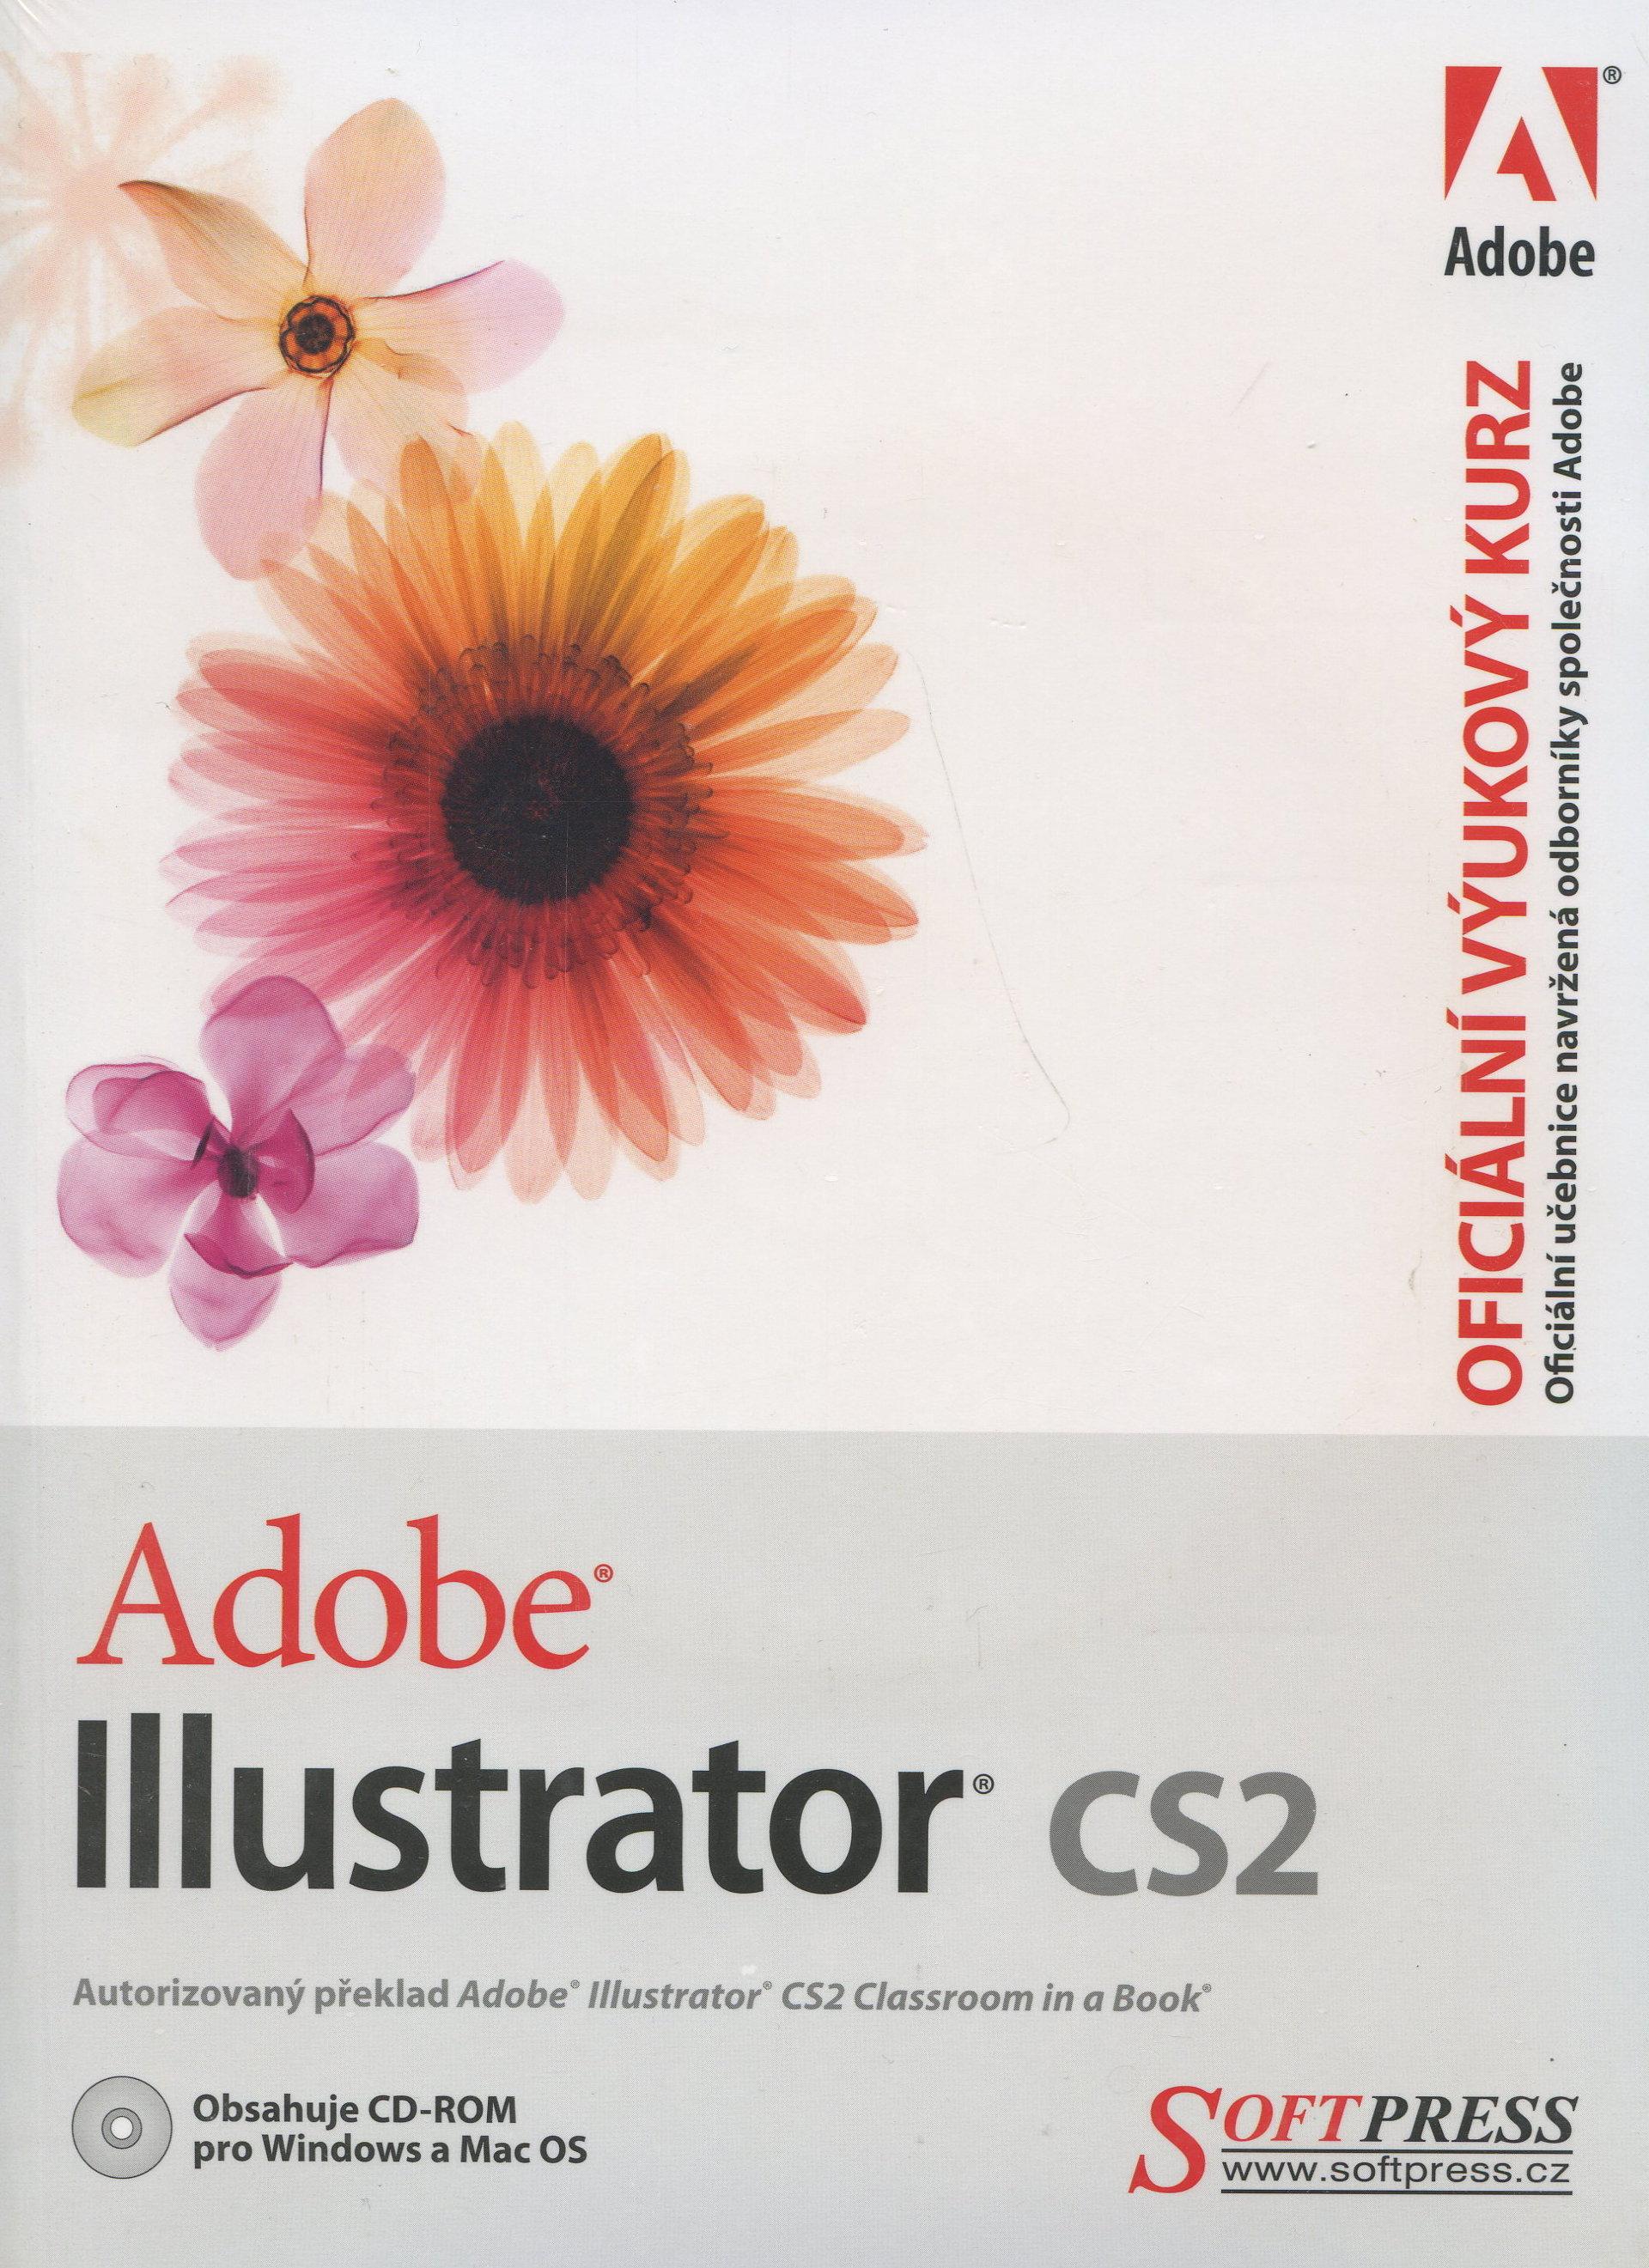 Adobe Illustrator CS2 - oficiální výukový kurz